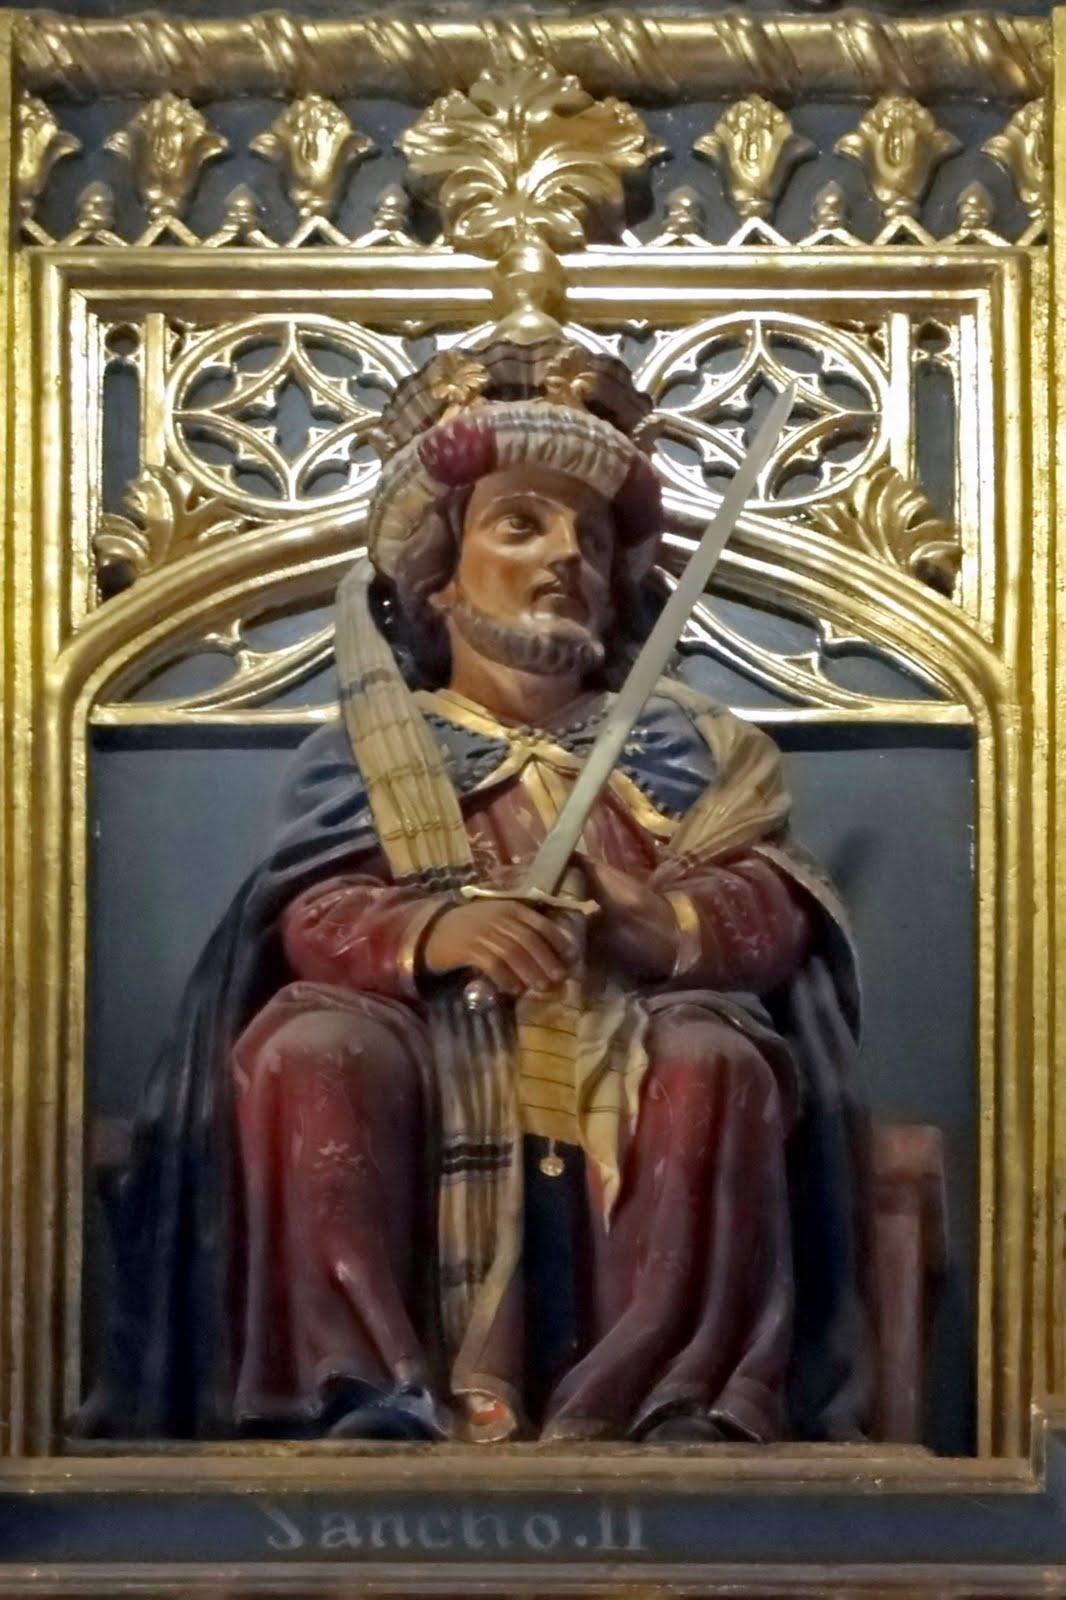 El rey de la habana clip 1 - 3 part 2